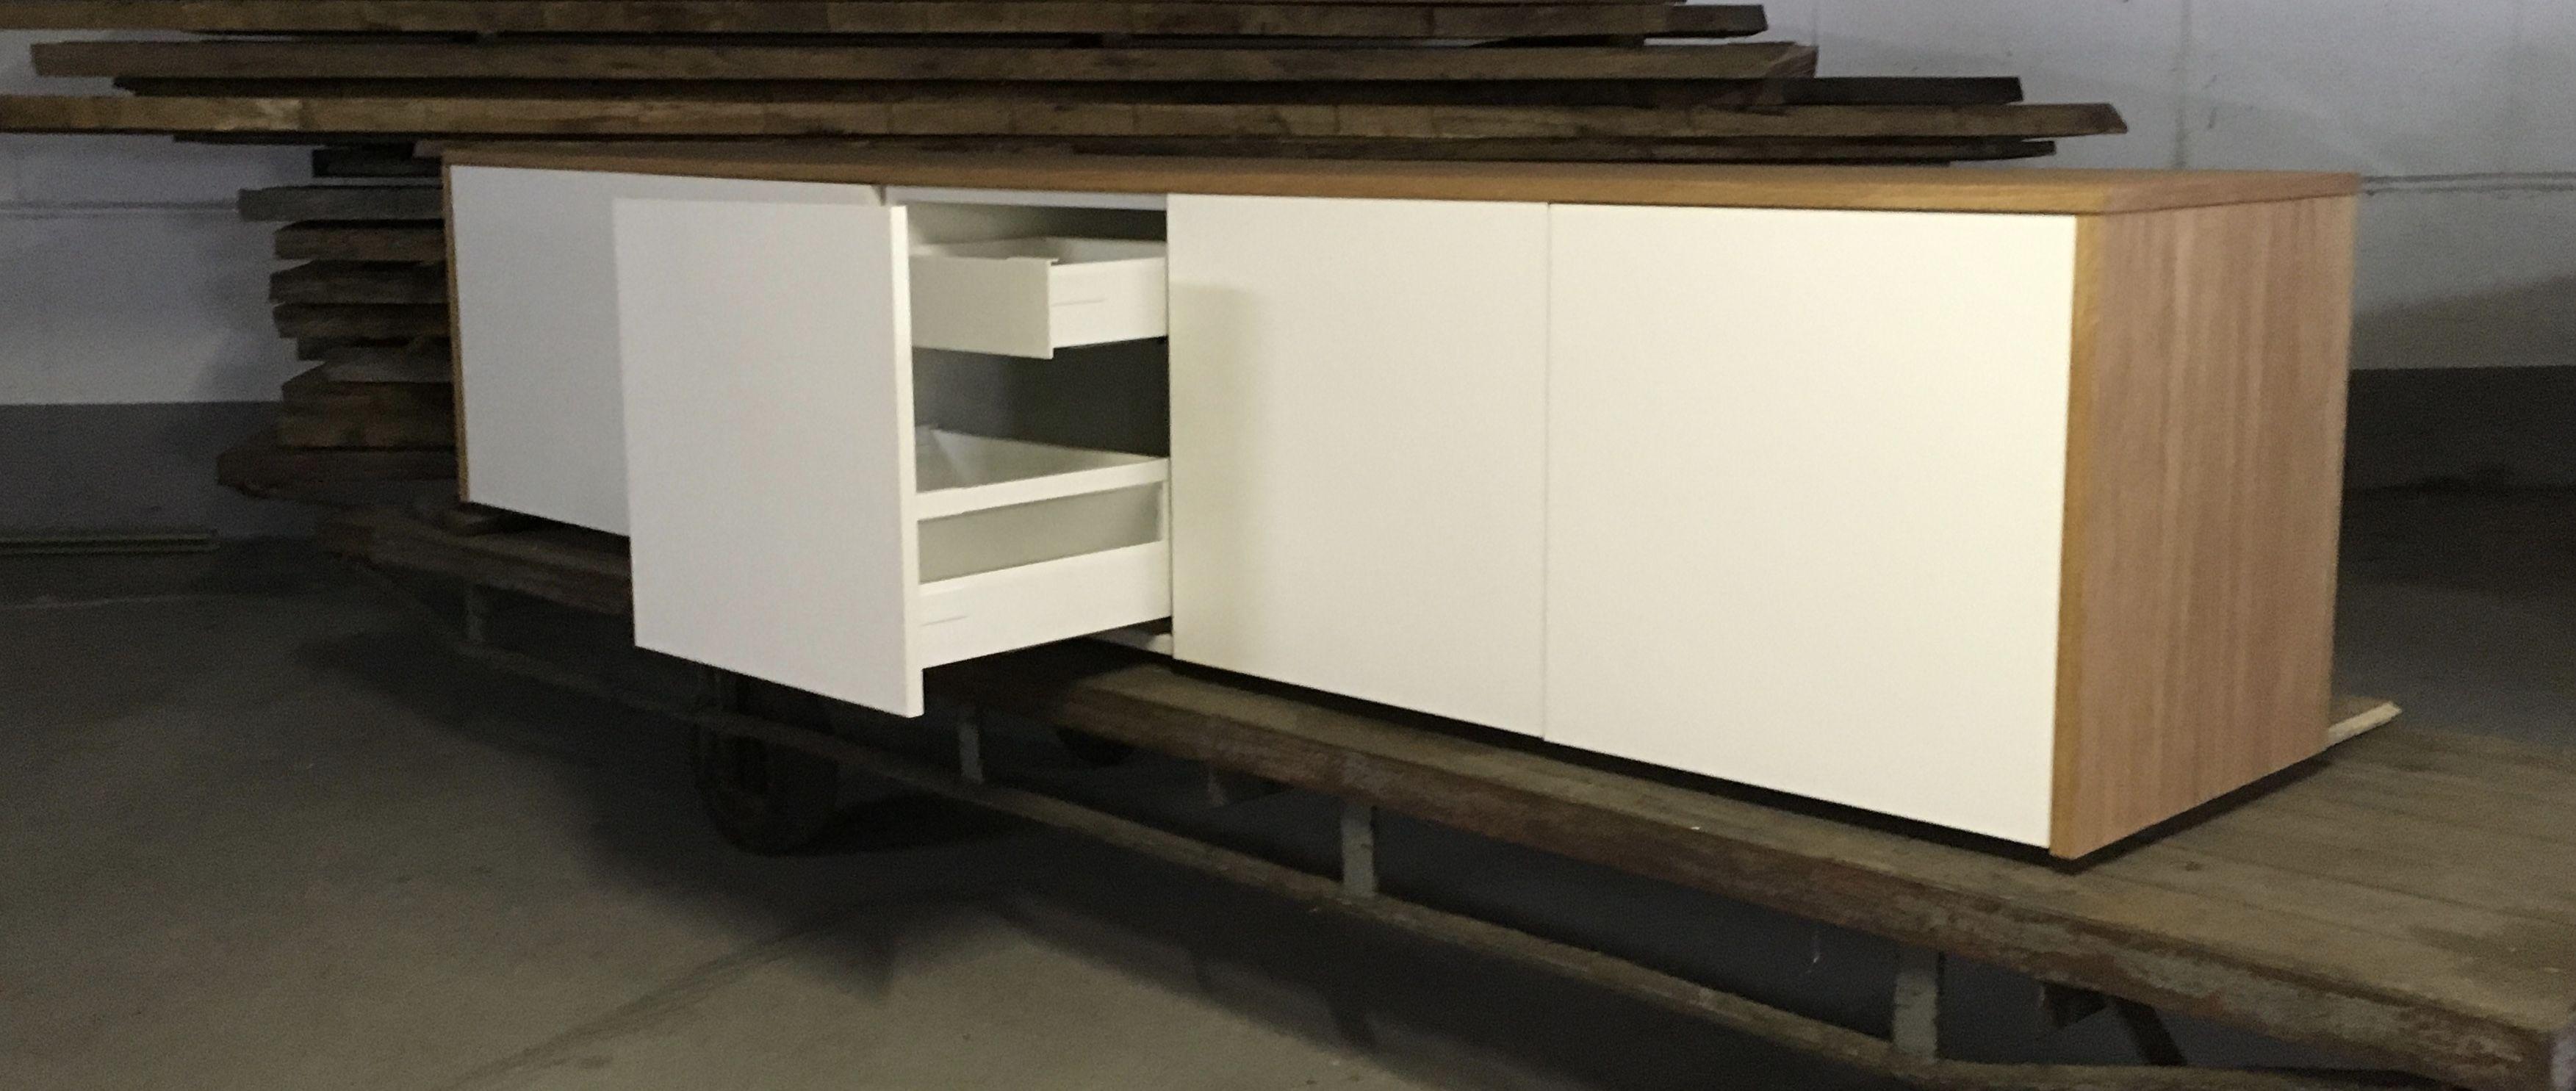 Zirikote Furnier Schrank | Referenzen Raumstark | Pinterest | Loft ...